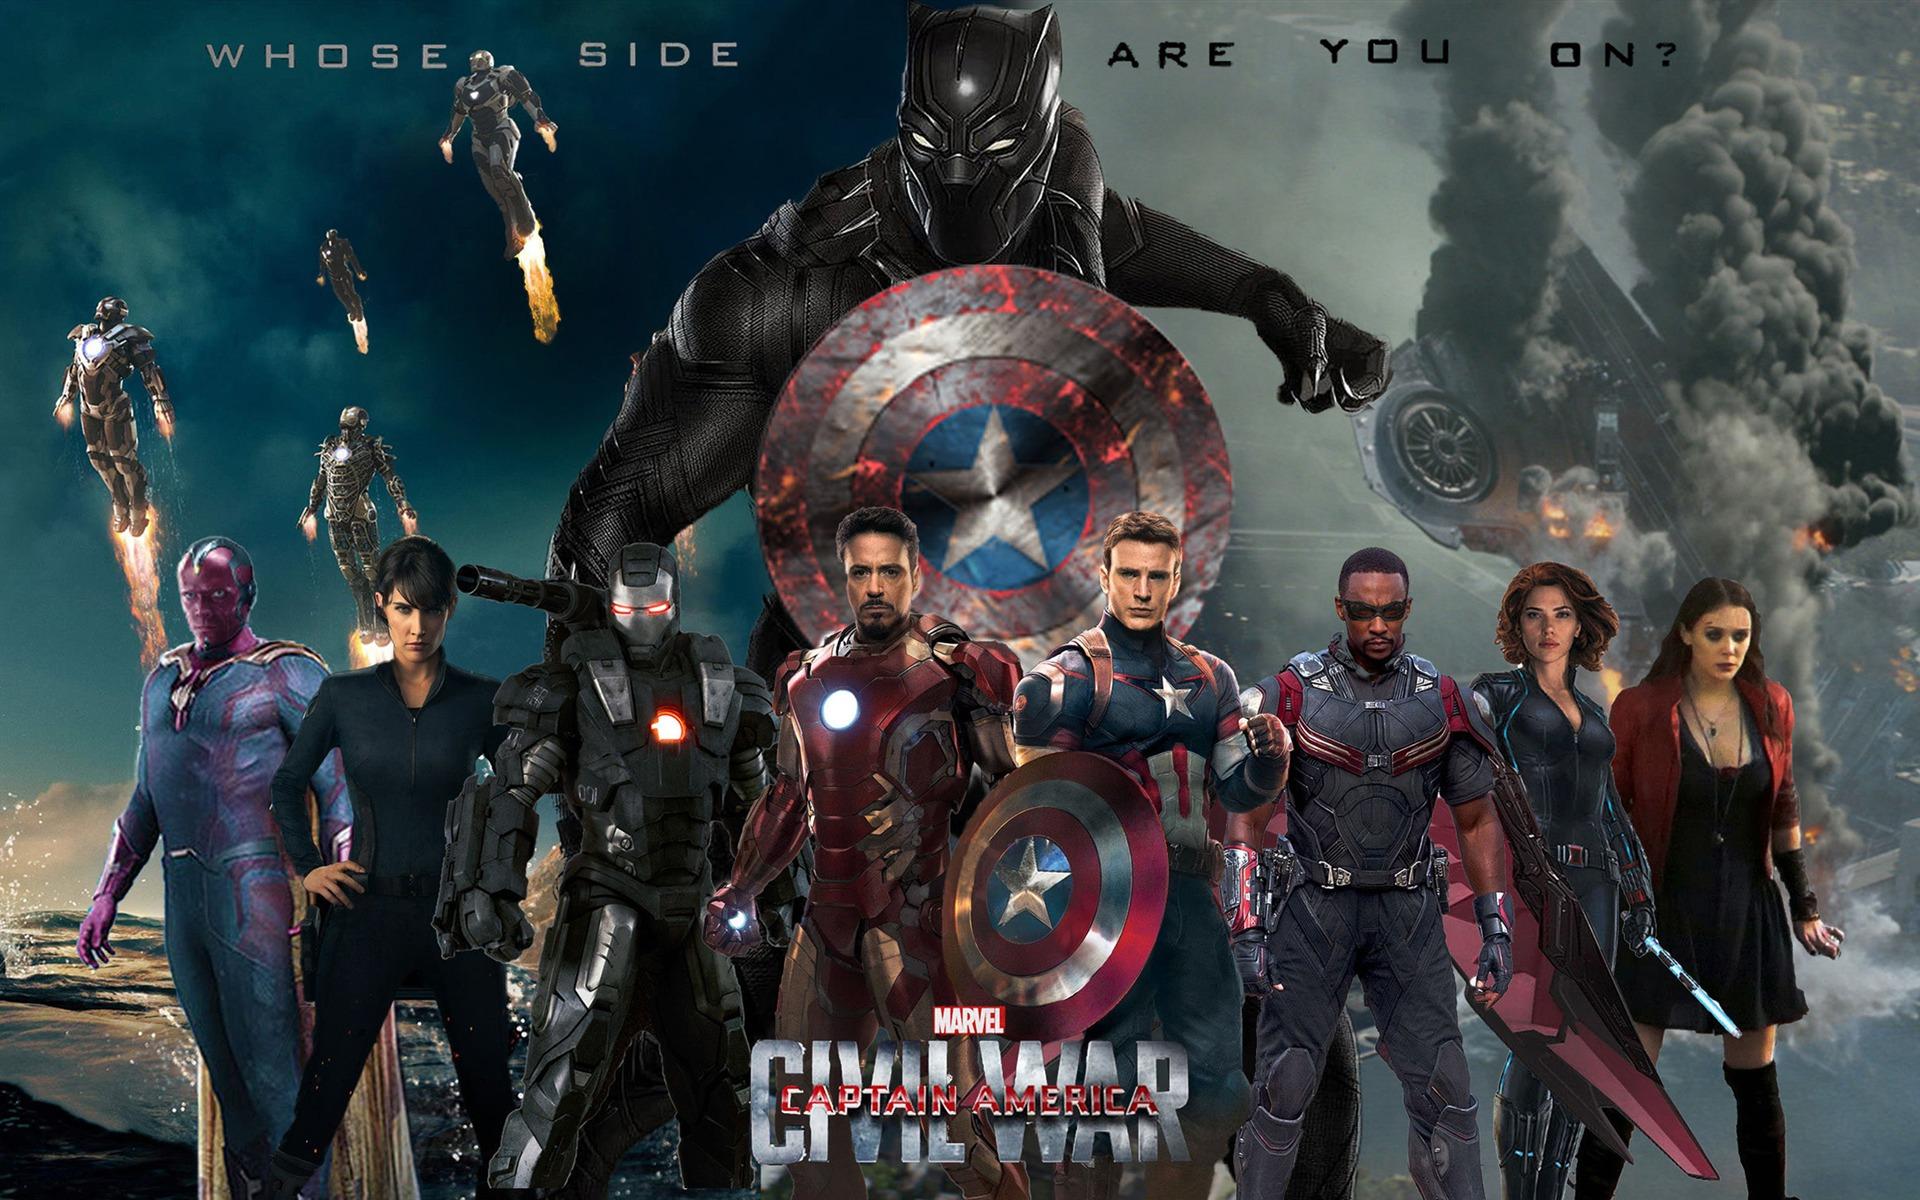 电影高清壁纸_美国队长3 captain america:civil war 2016 电影高清壁纸 - 1920x